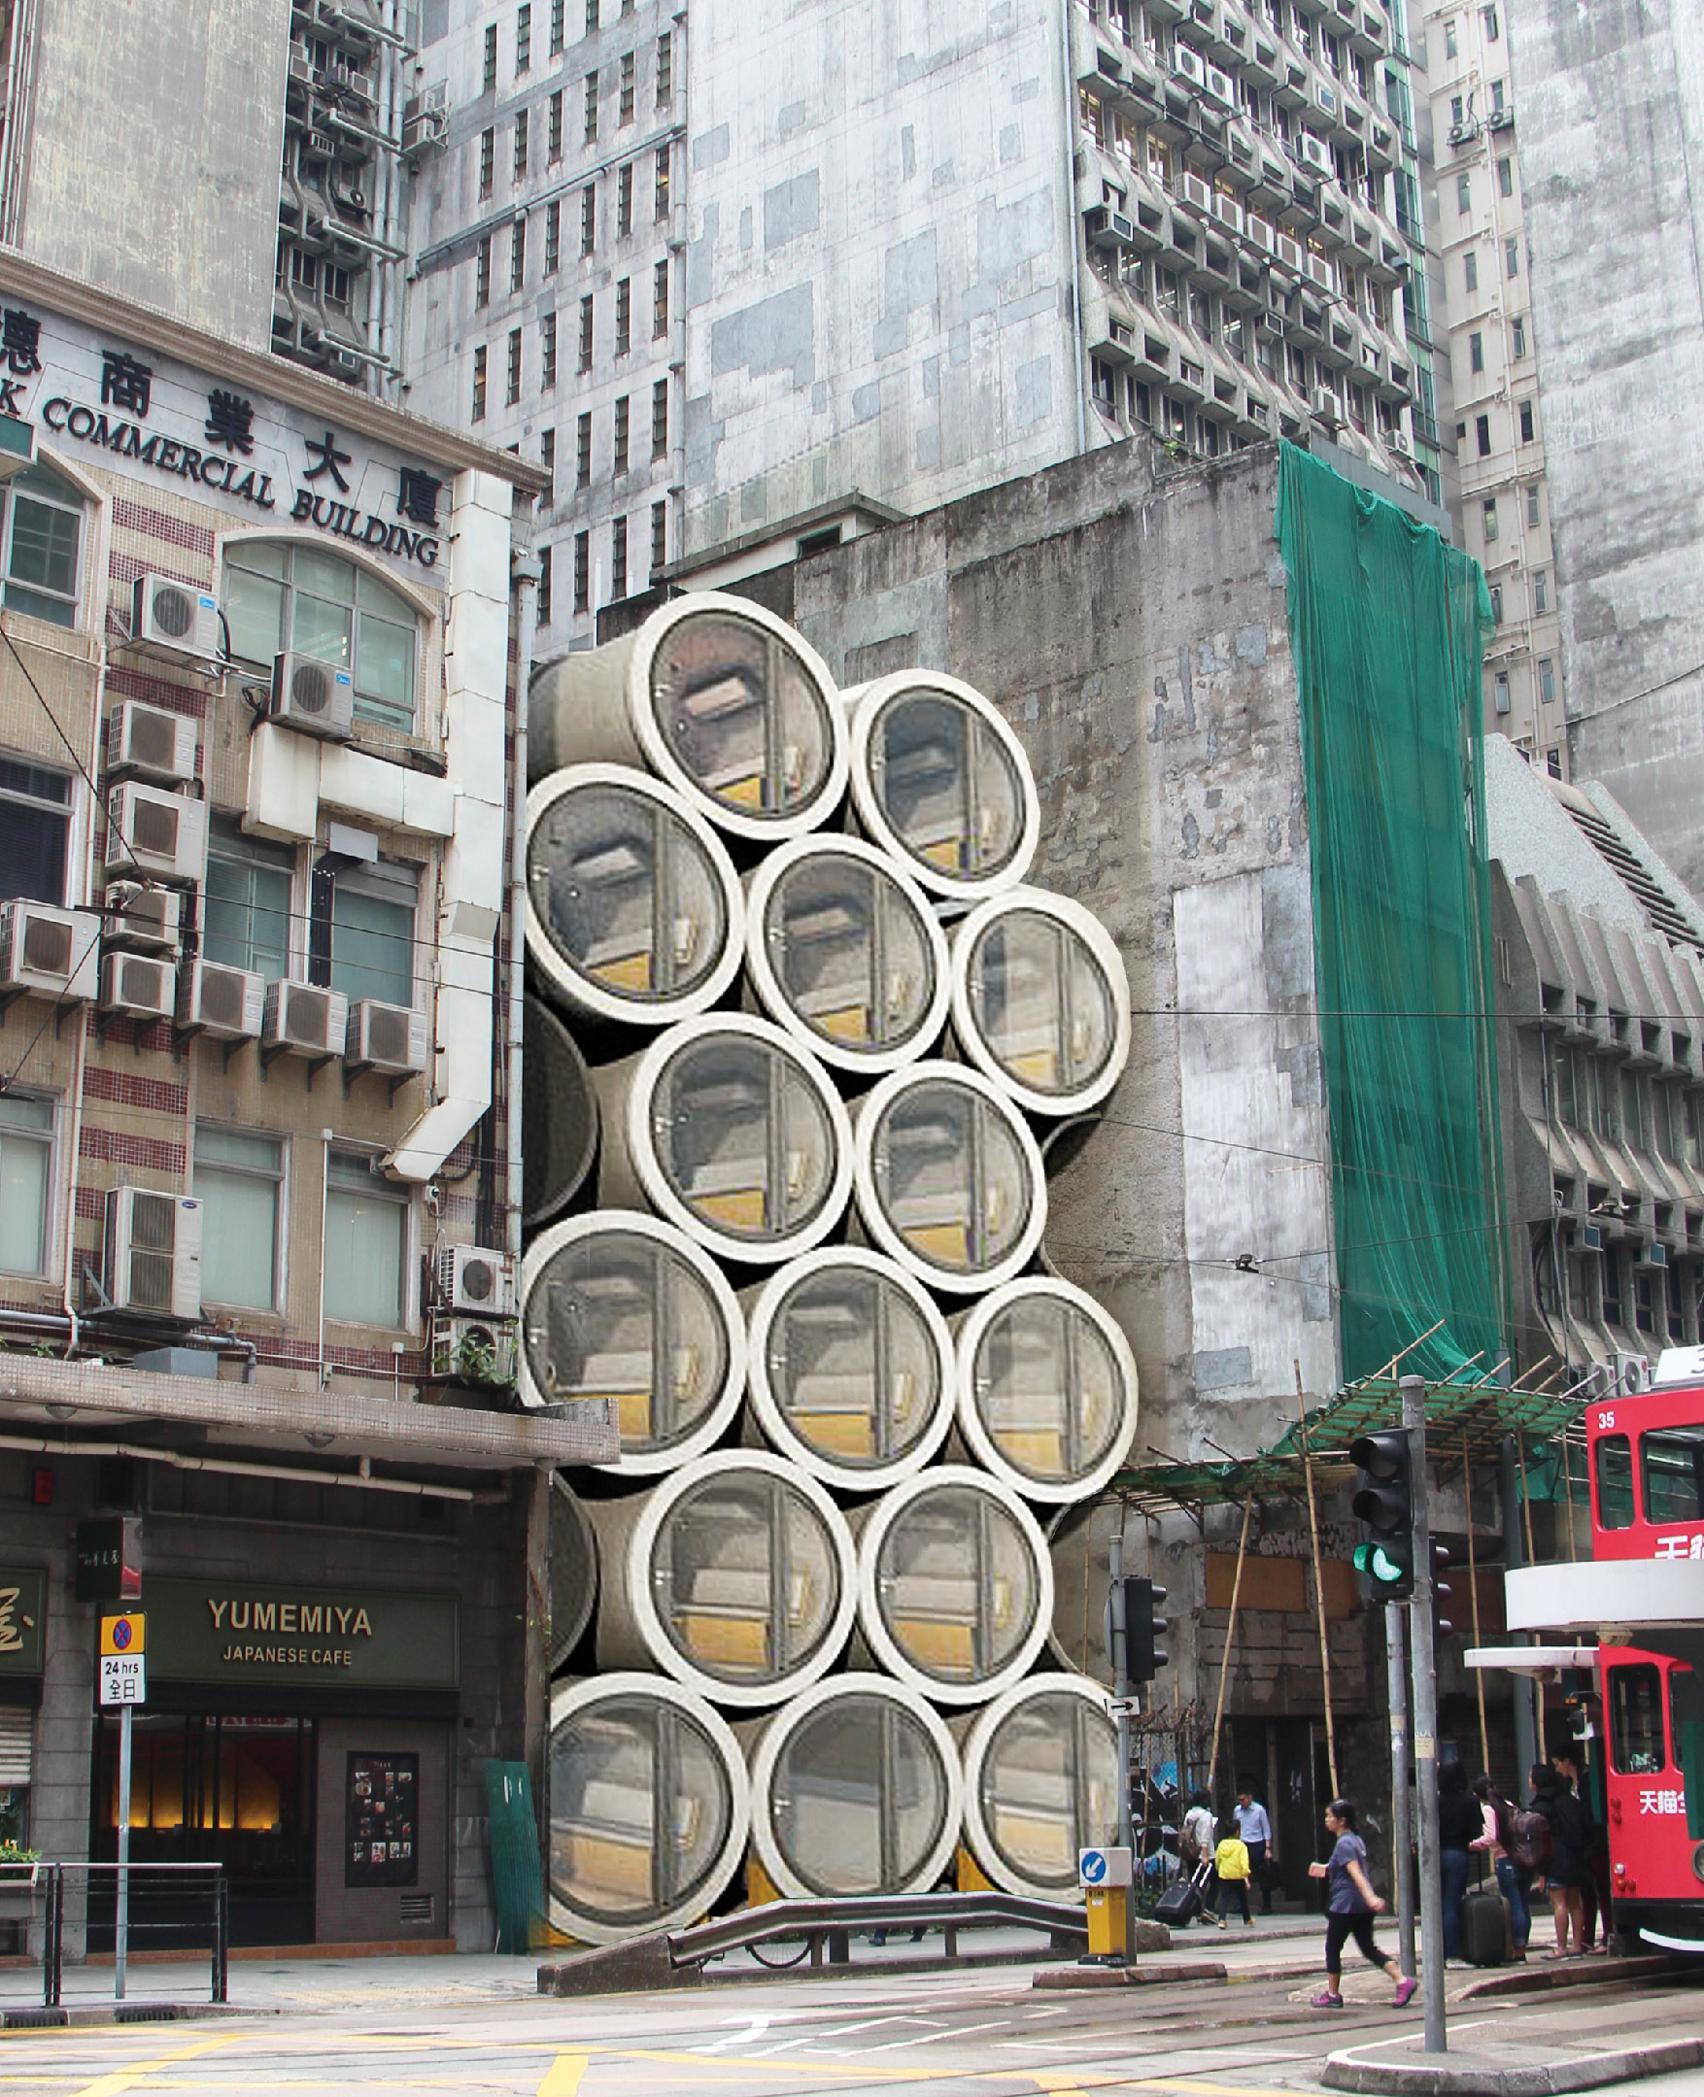 tubos de hormigon armado de James Law Cybertecture